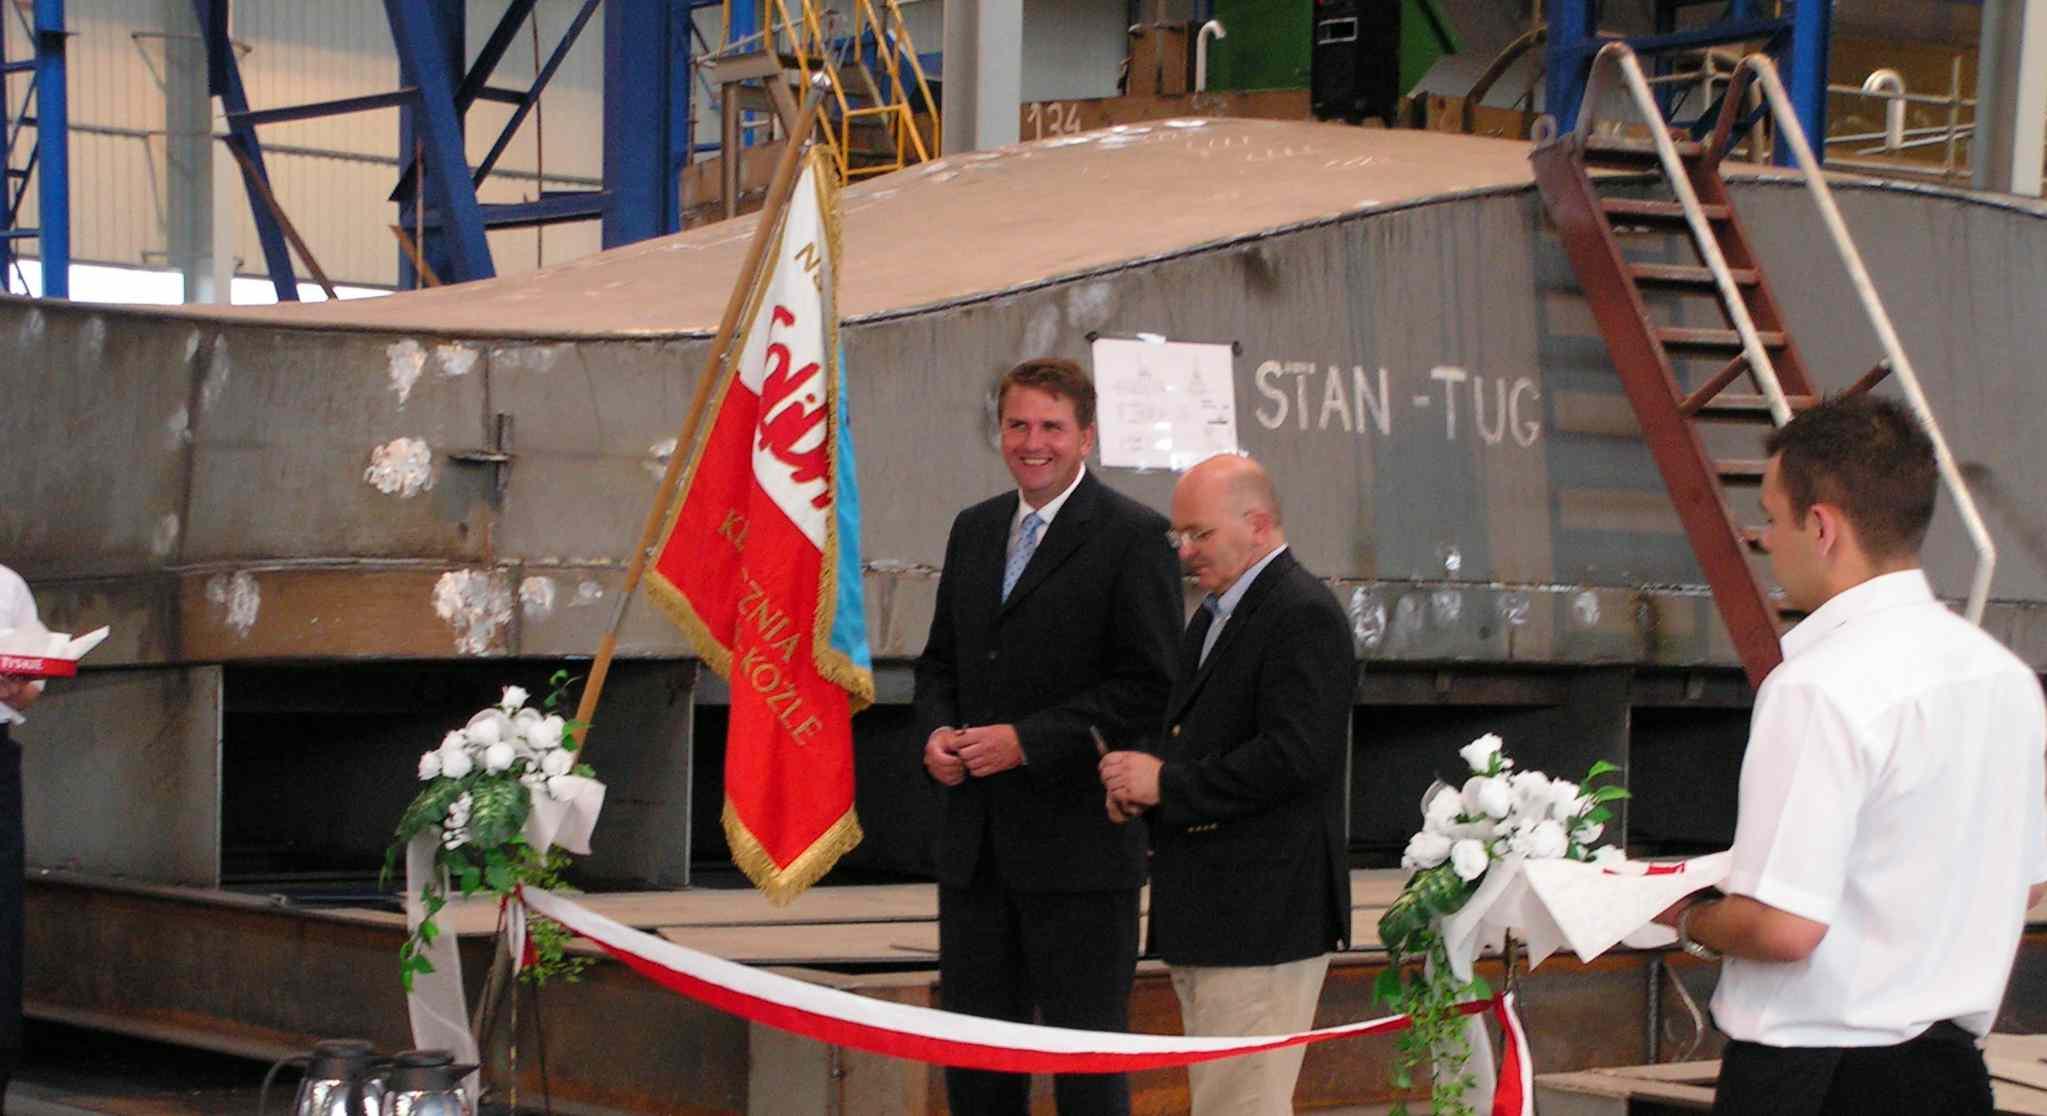 Symboliczne przecięcie wstęgi przez Starostę Józefa Gismana i Jana – Wim Dekkera z Rady Nadzorczej Damen Shipyards